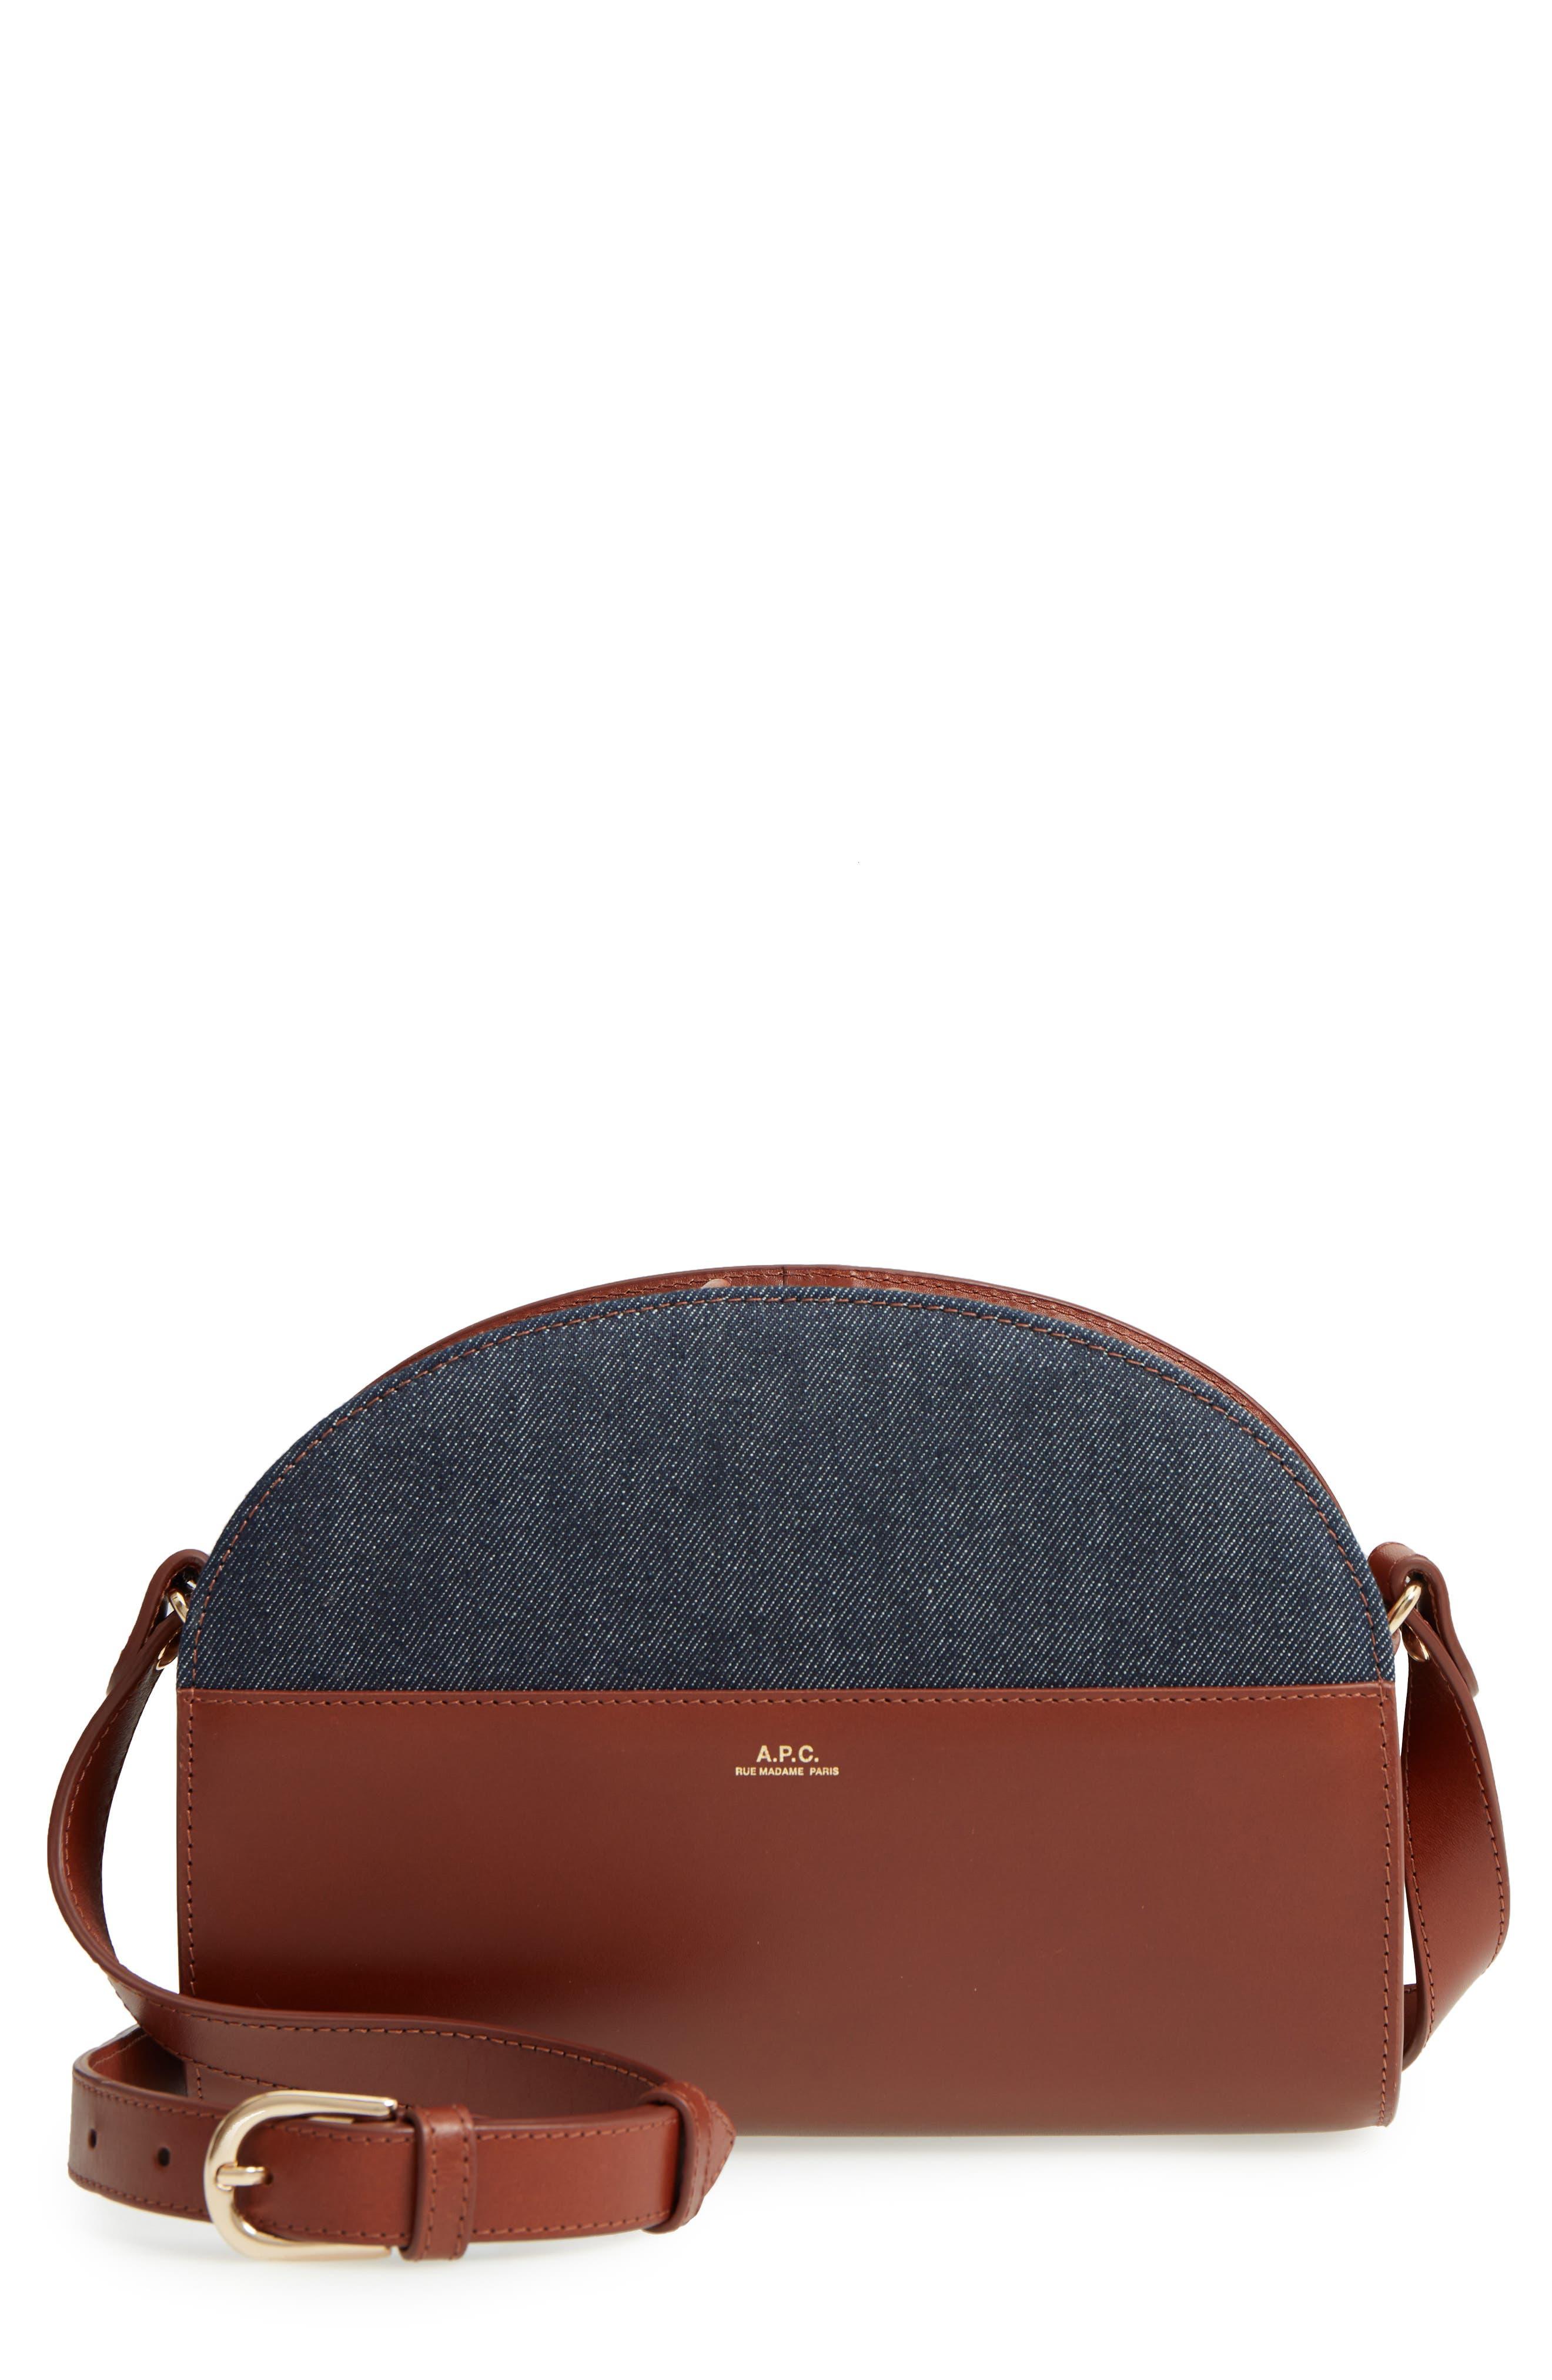 Sac Demilune Leather & Denim Crossbody Bag,                             Main thumbnail 1, color,                             NOISETTE CAD